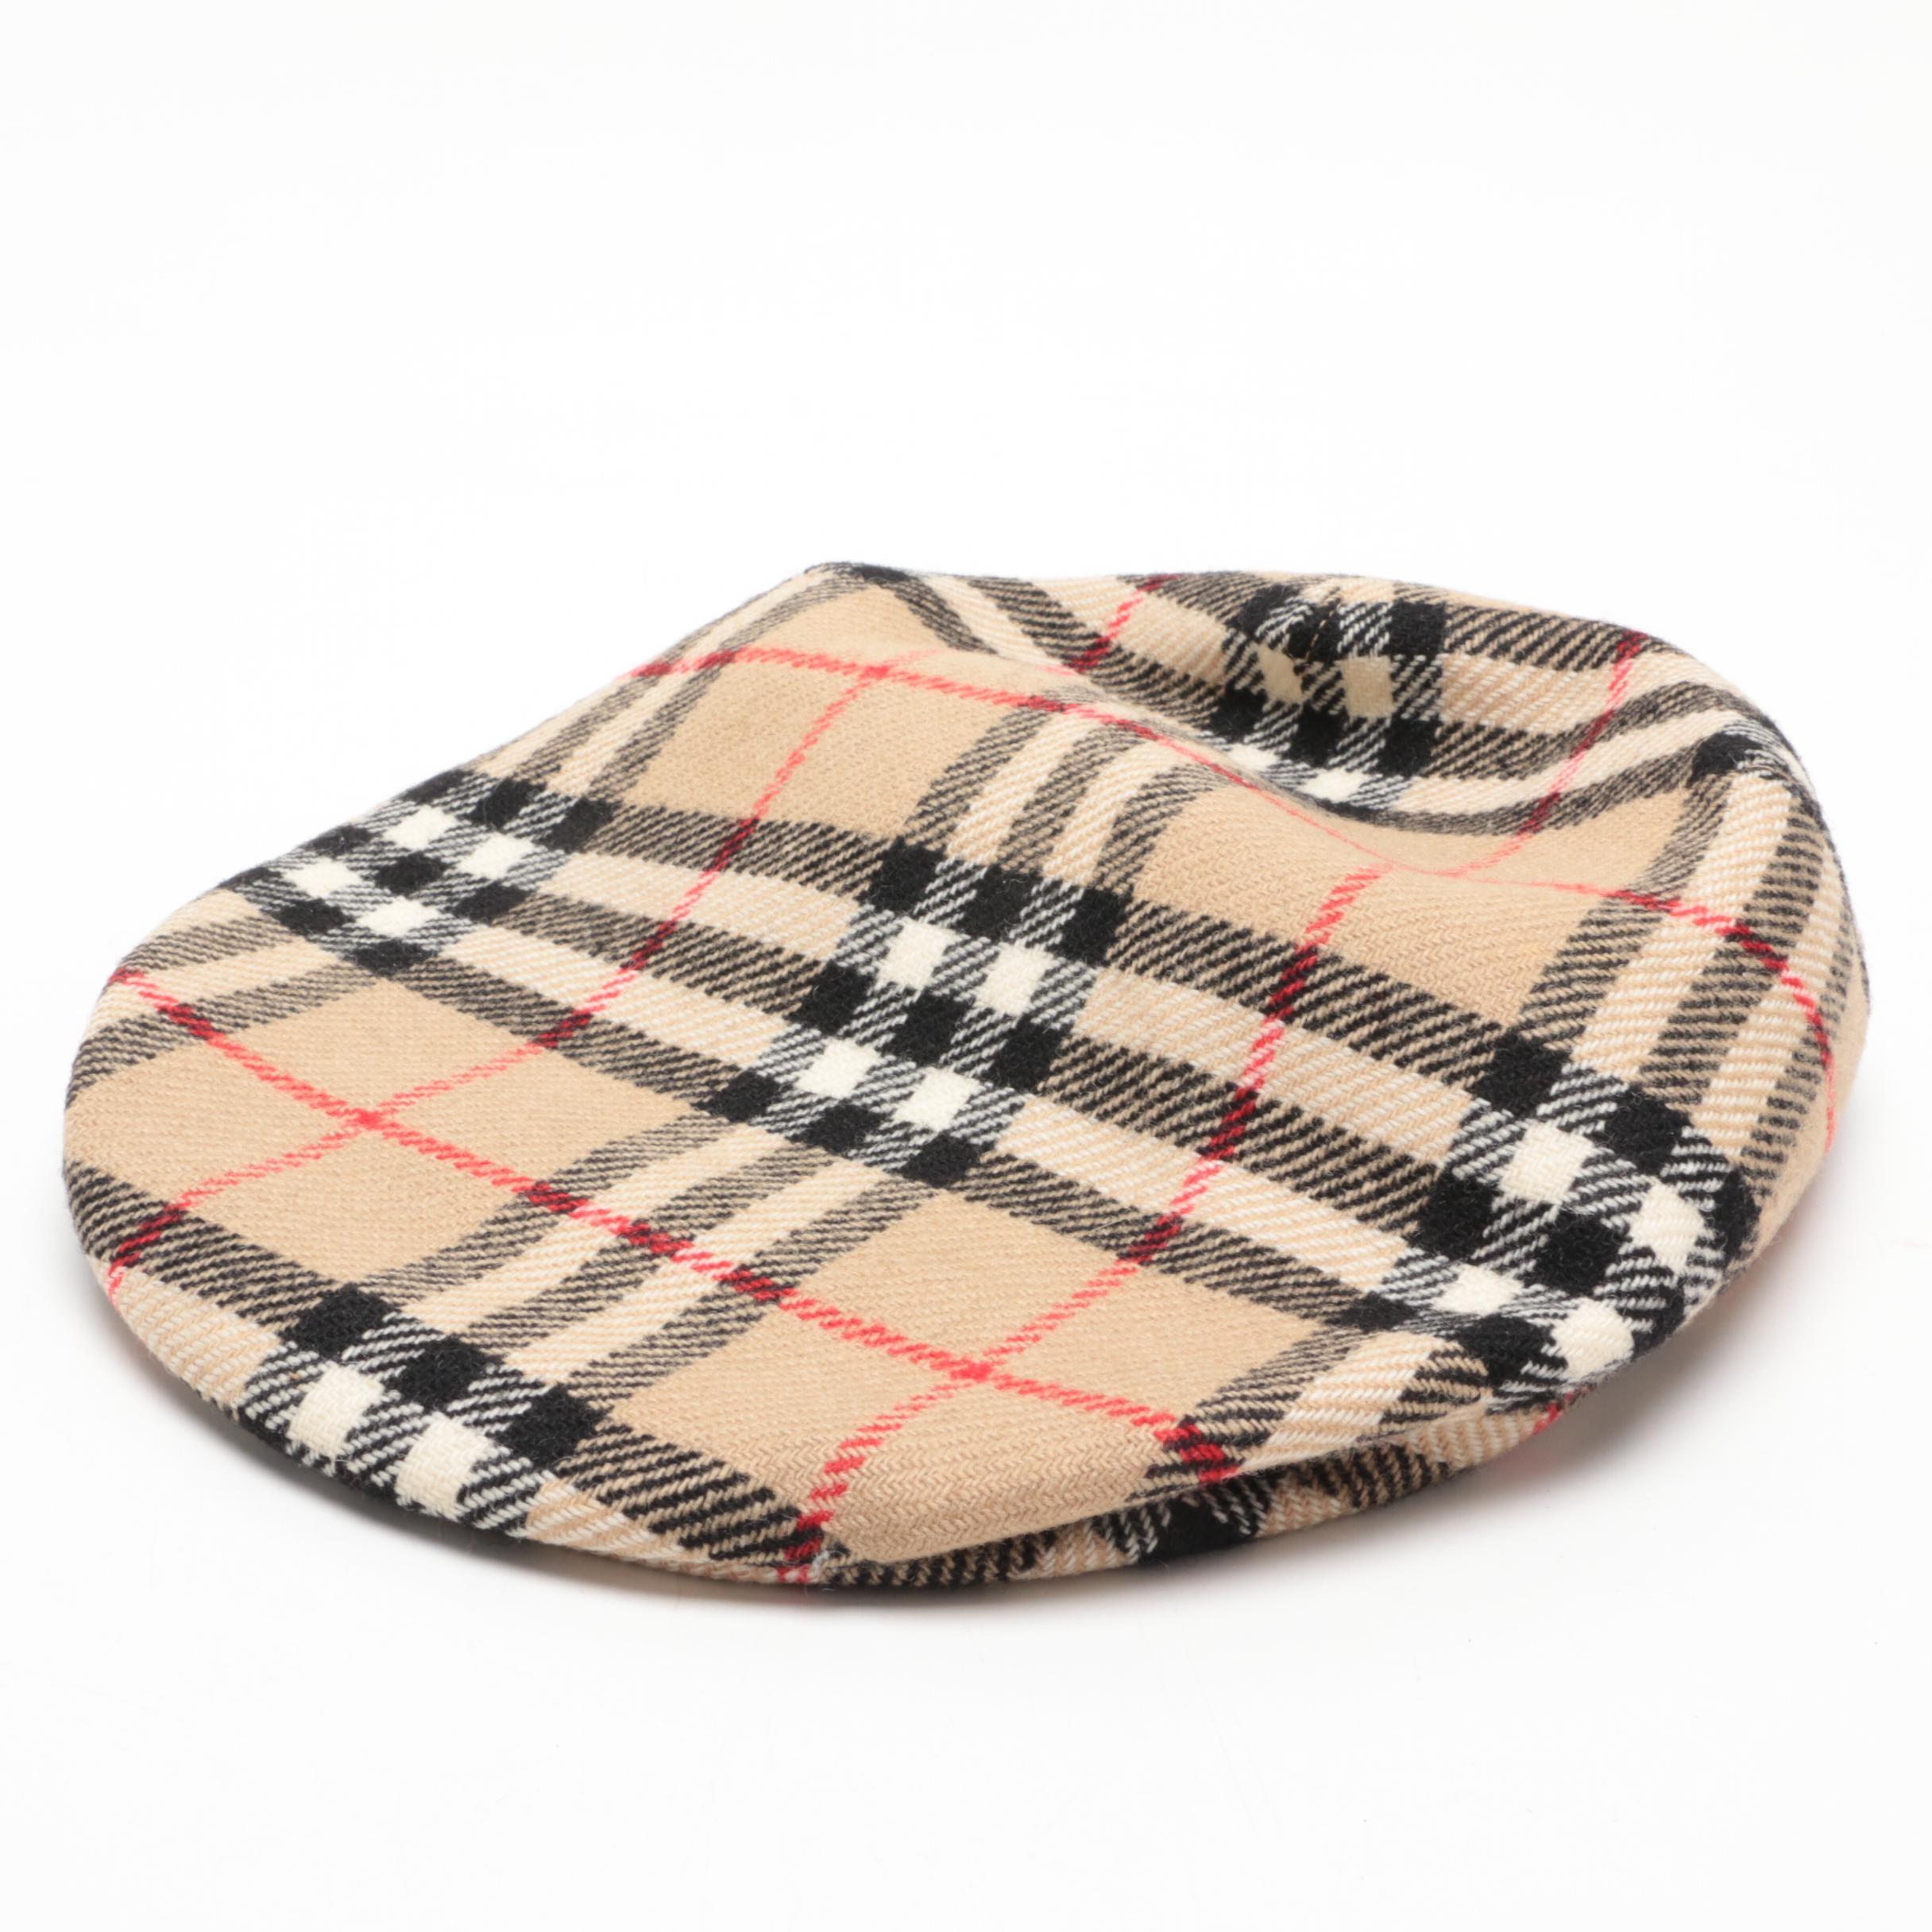 """Burberrys """"Nova Check"""" Wool Newsboy Hat, Vintage"""